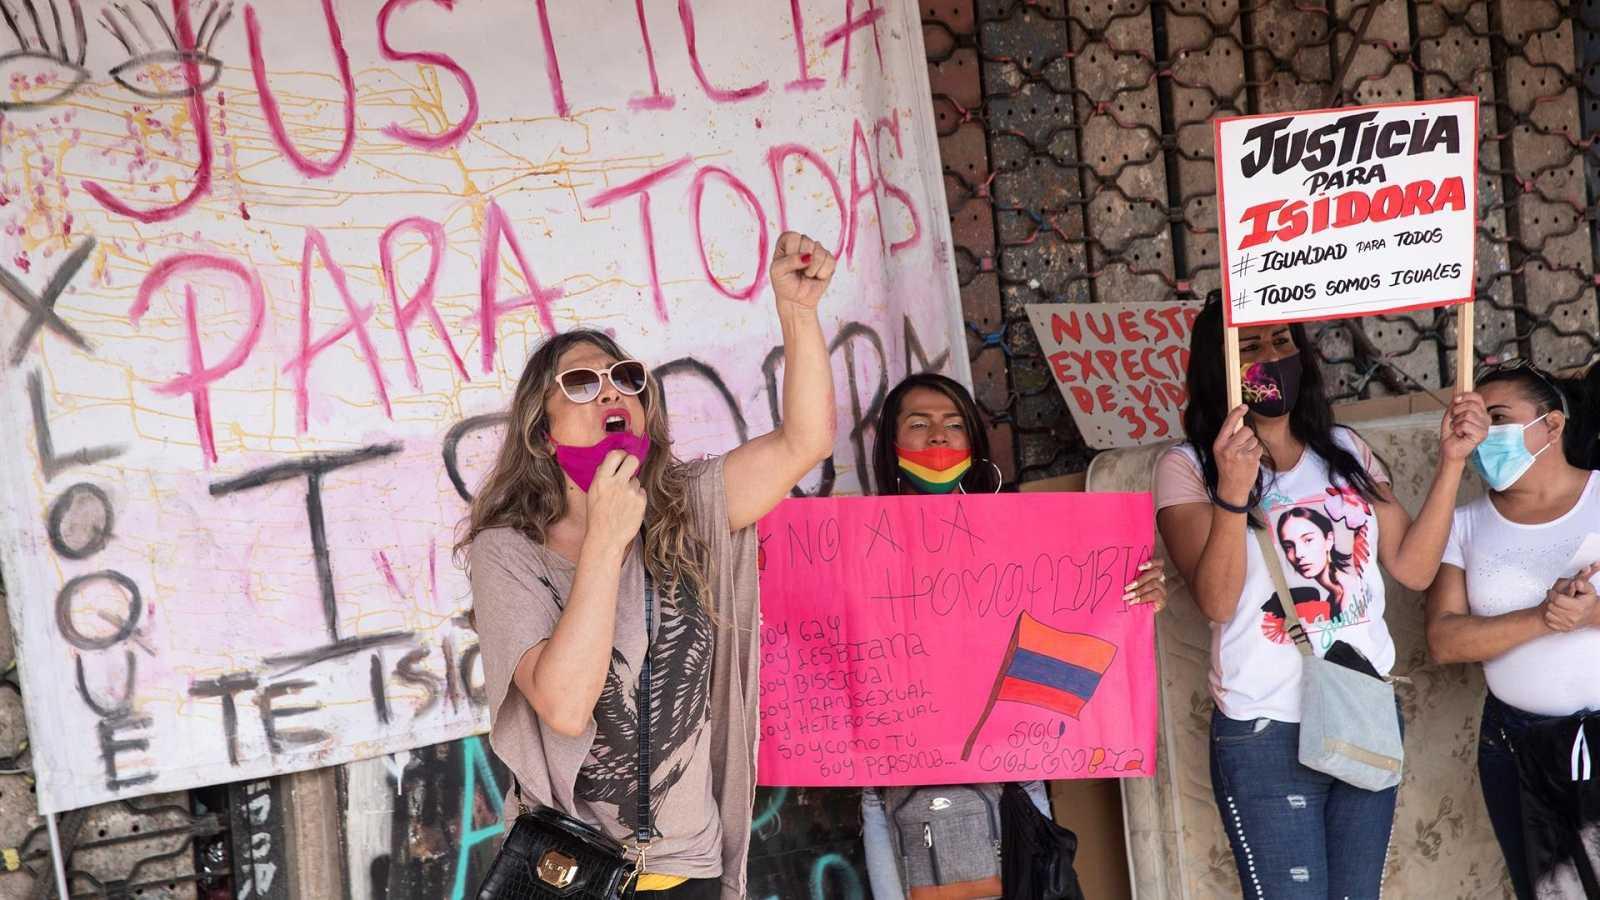 El mundo celebra el Día Mundial contra la LGTBIfobia mientras aumenta el odio hacia este colectivo